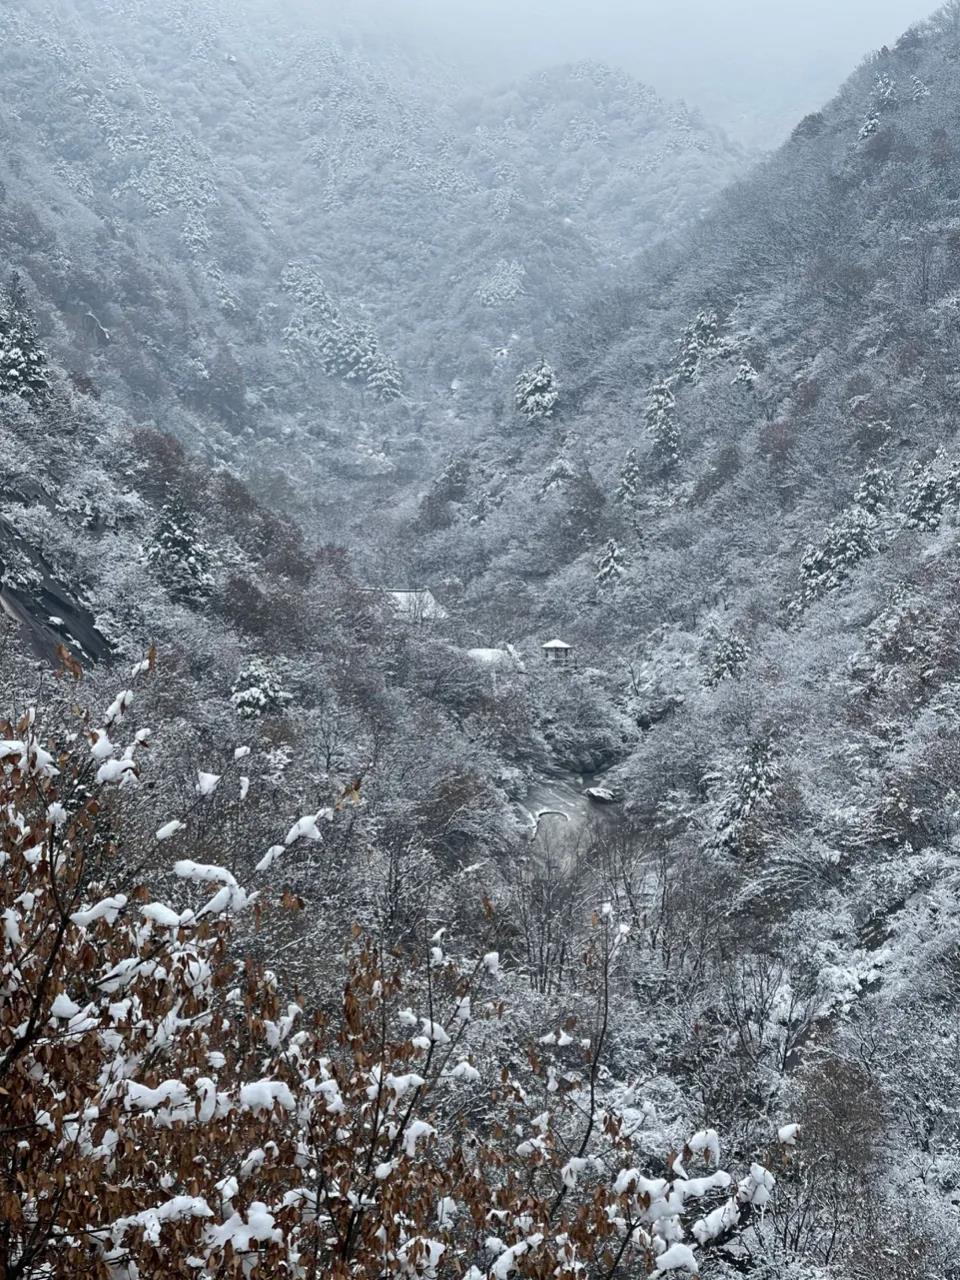 涨姿势观音潭山的图片 第4张